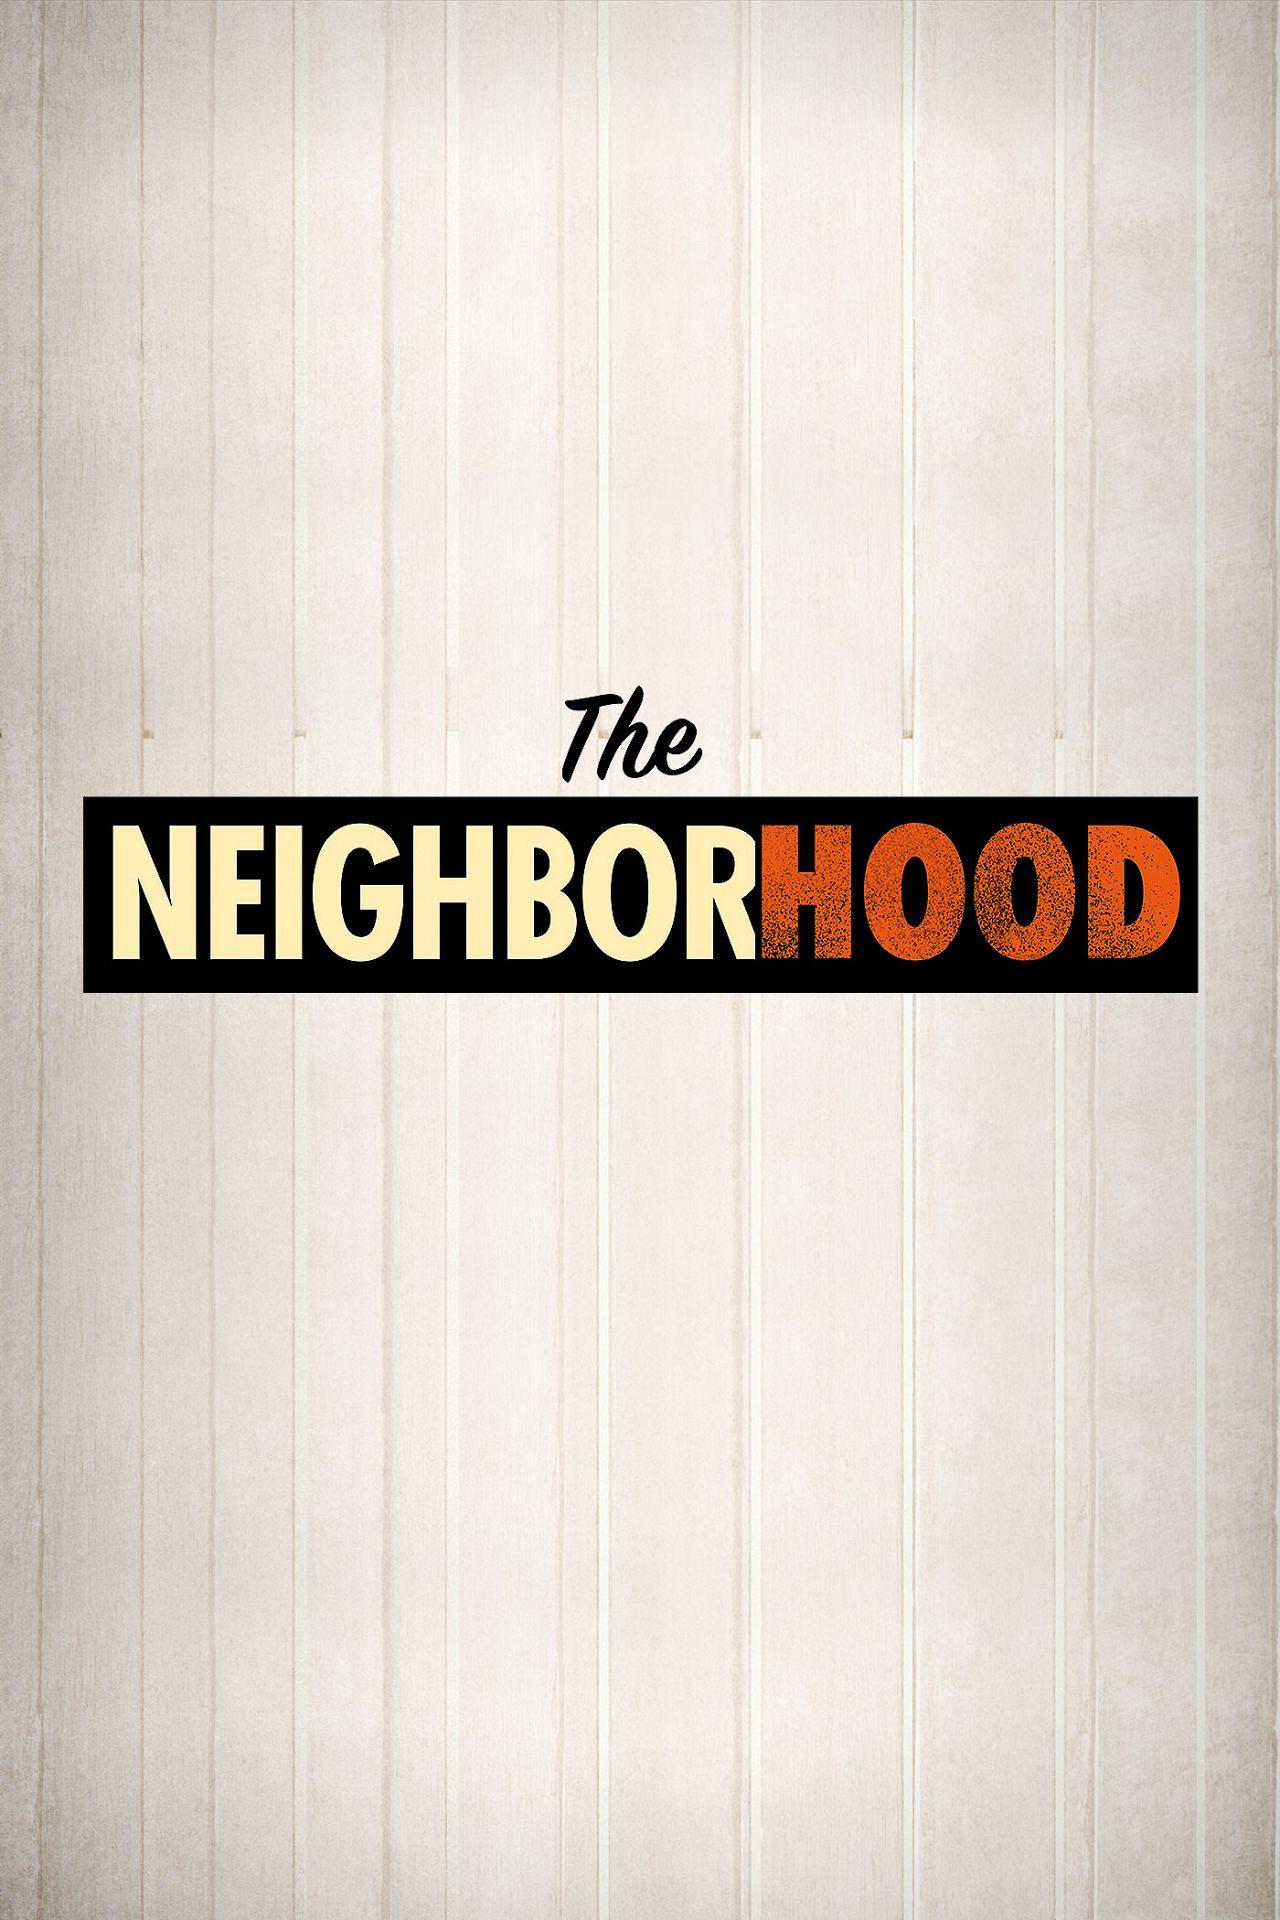 Kaimynystė 1 sezonas